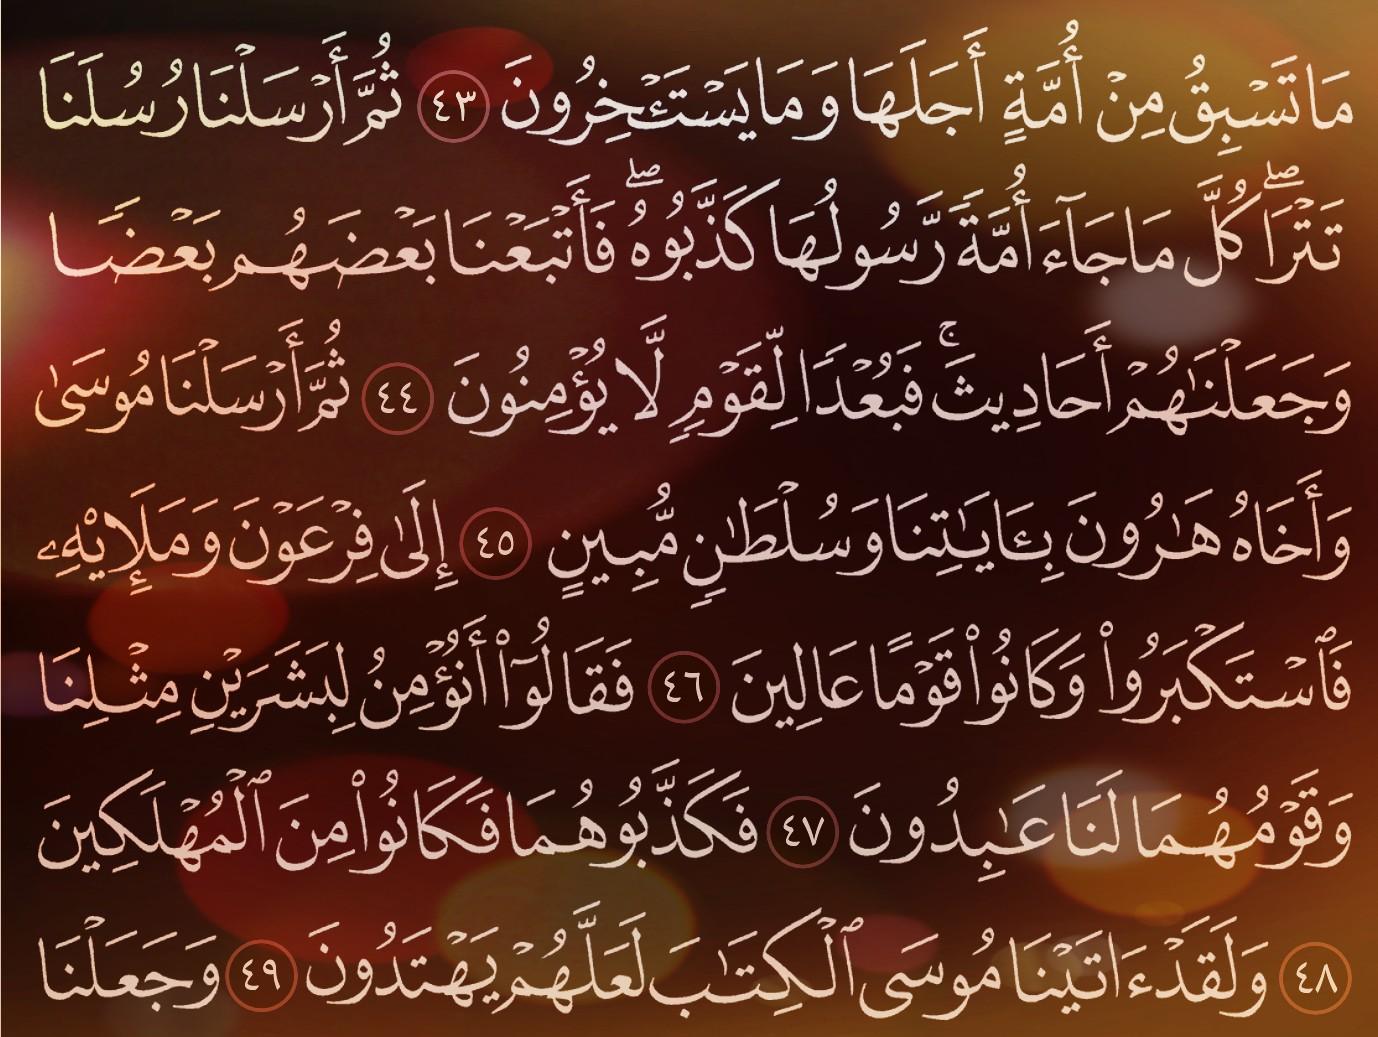 شرح وتفسير سورة المؤمنون Surah Al-Mu'minun ( من الآية 34 إلى الاية 59 )